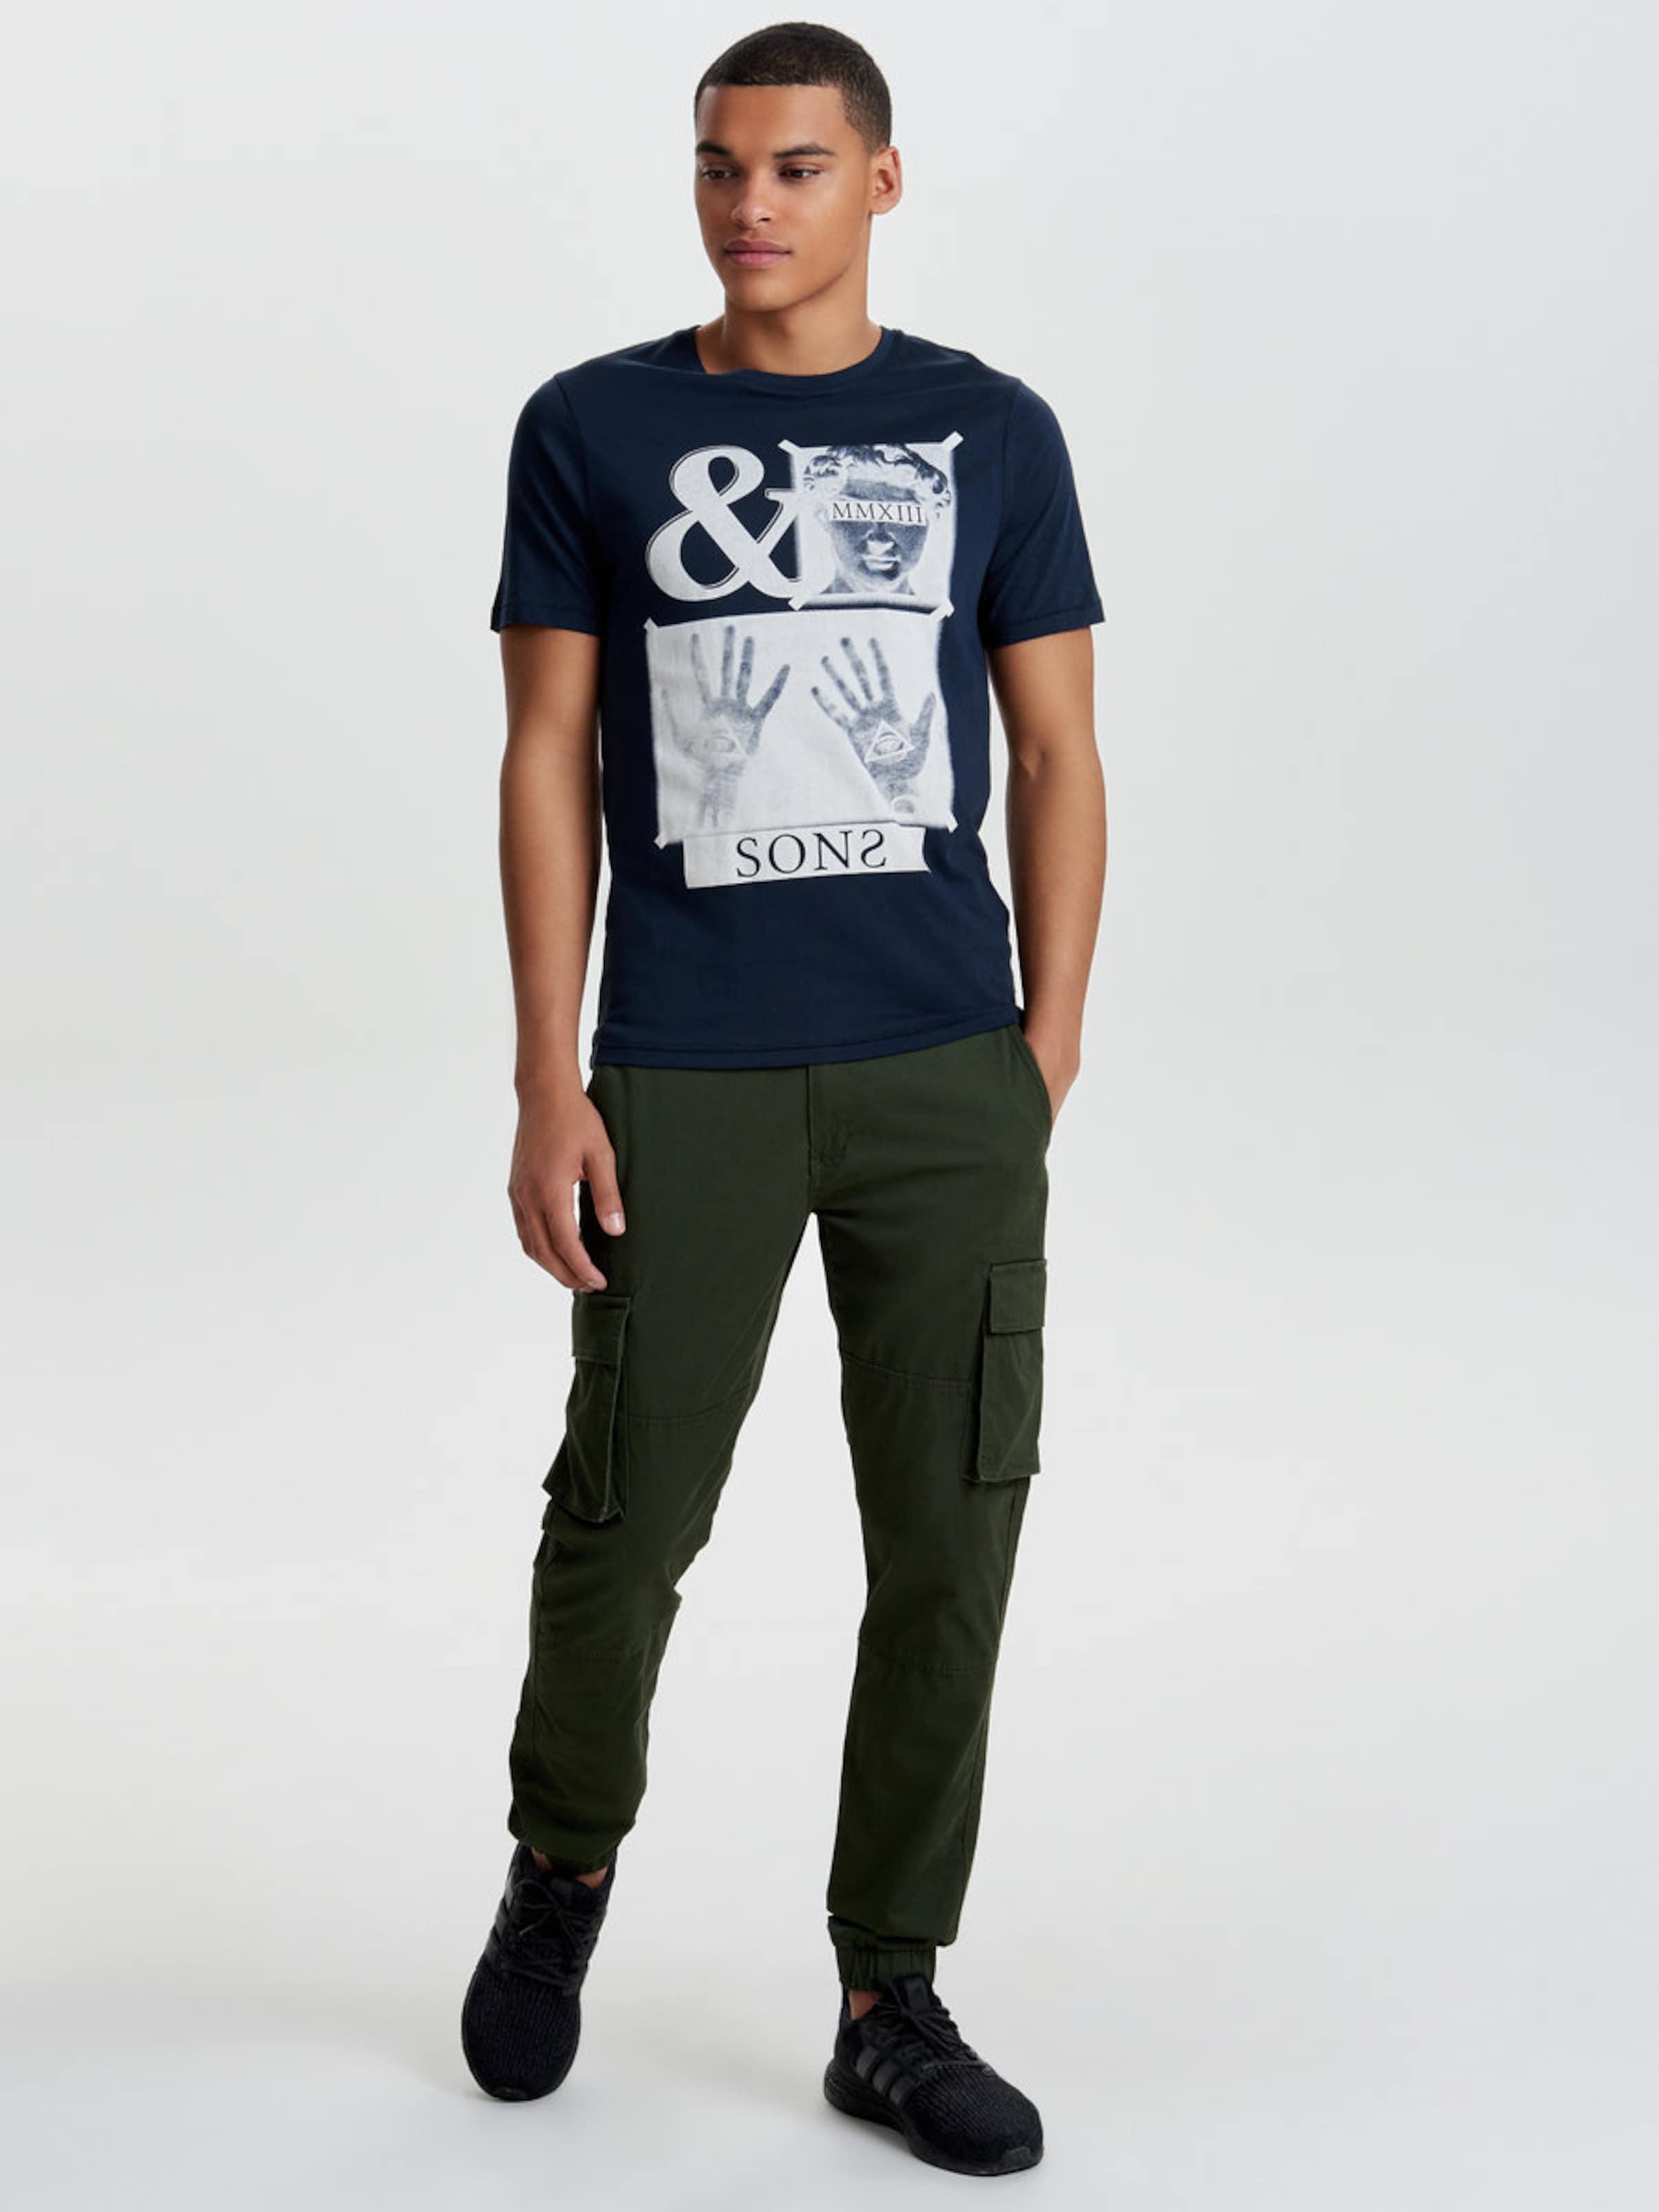 Footlocker Bilder Zum Verkauf Viele Arten Von Online-Verkauf Only & Sons T-Shirt Print Steckdose Vermarktbaren FlHPPDapFB